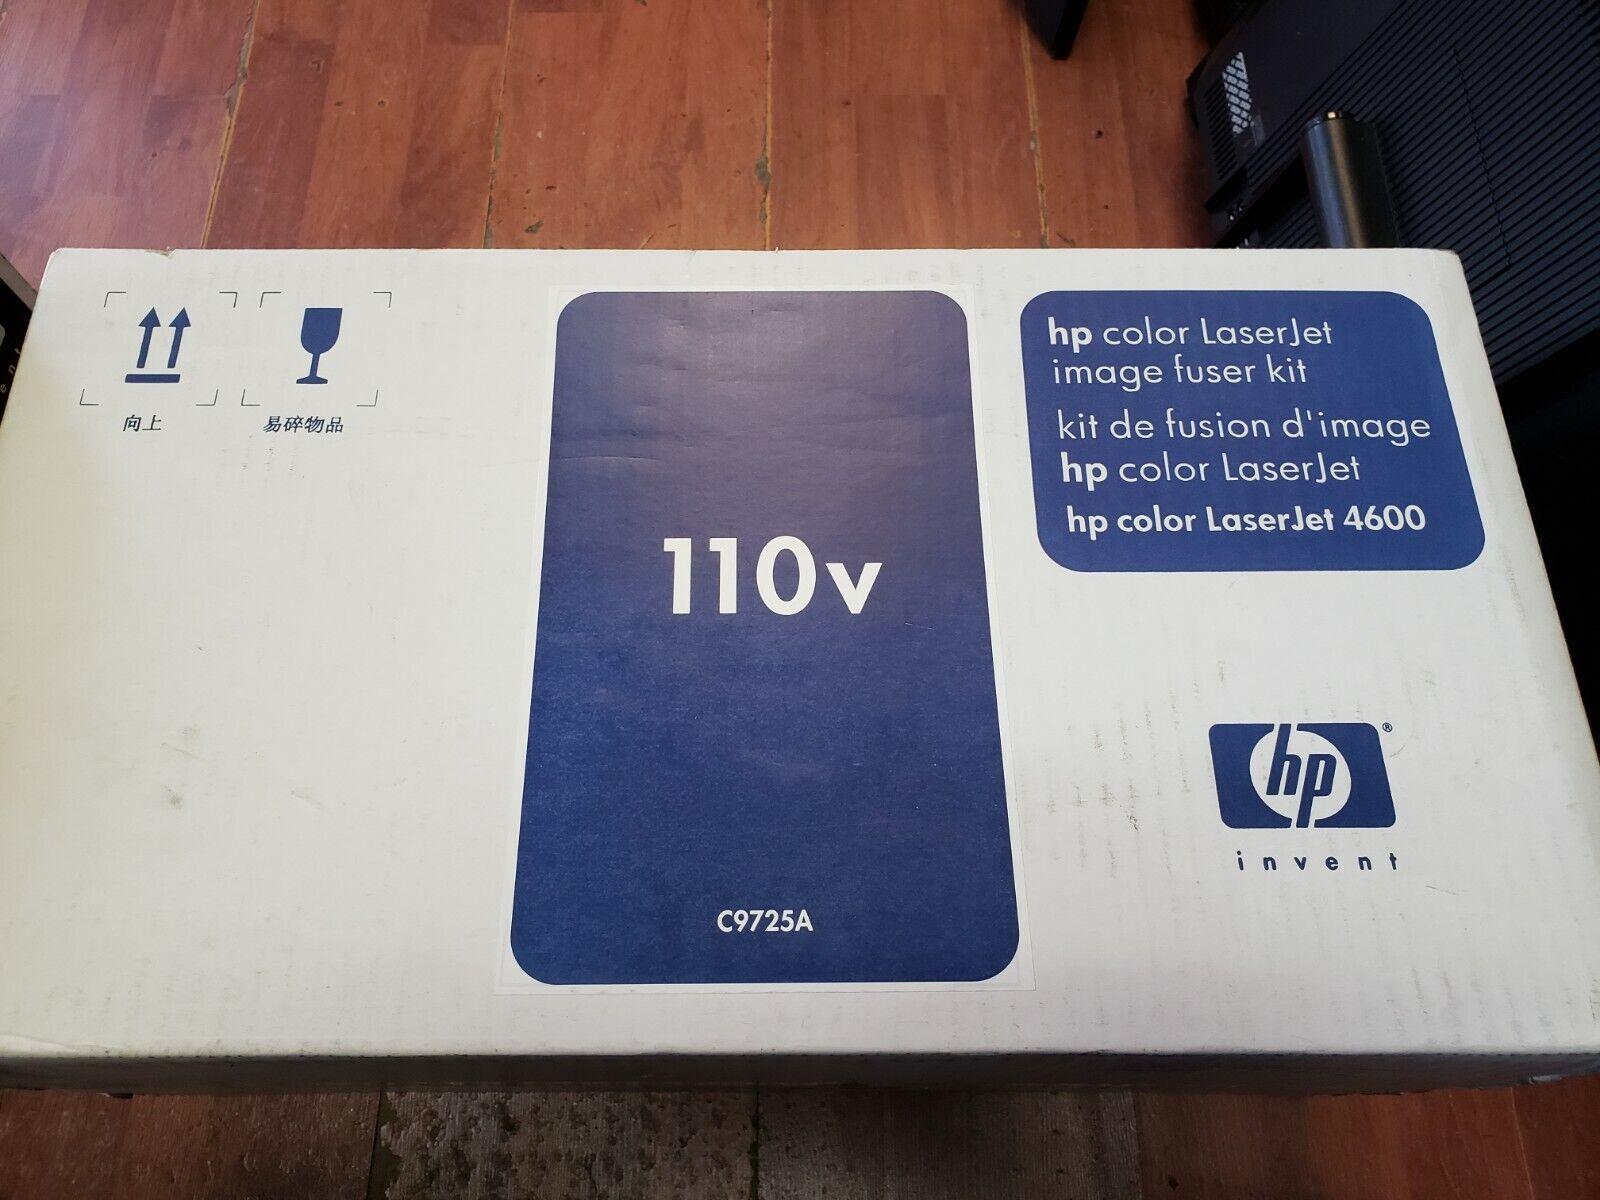 HP Color LaserJet 4600 Image Fuser Kit C9725A 110V